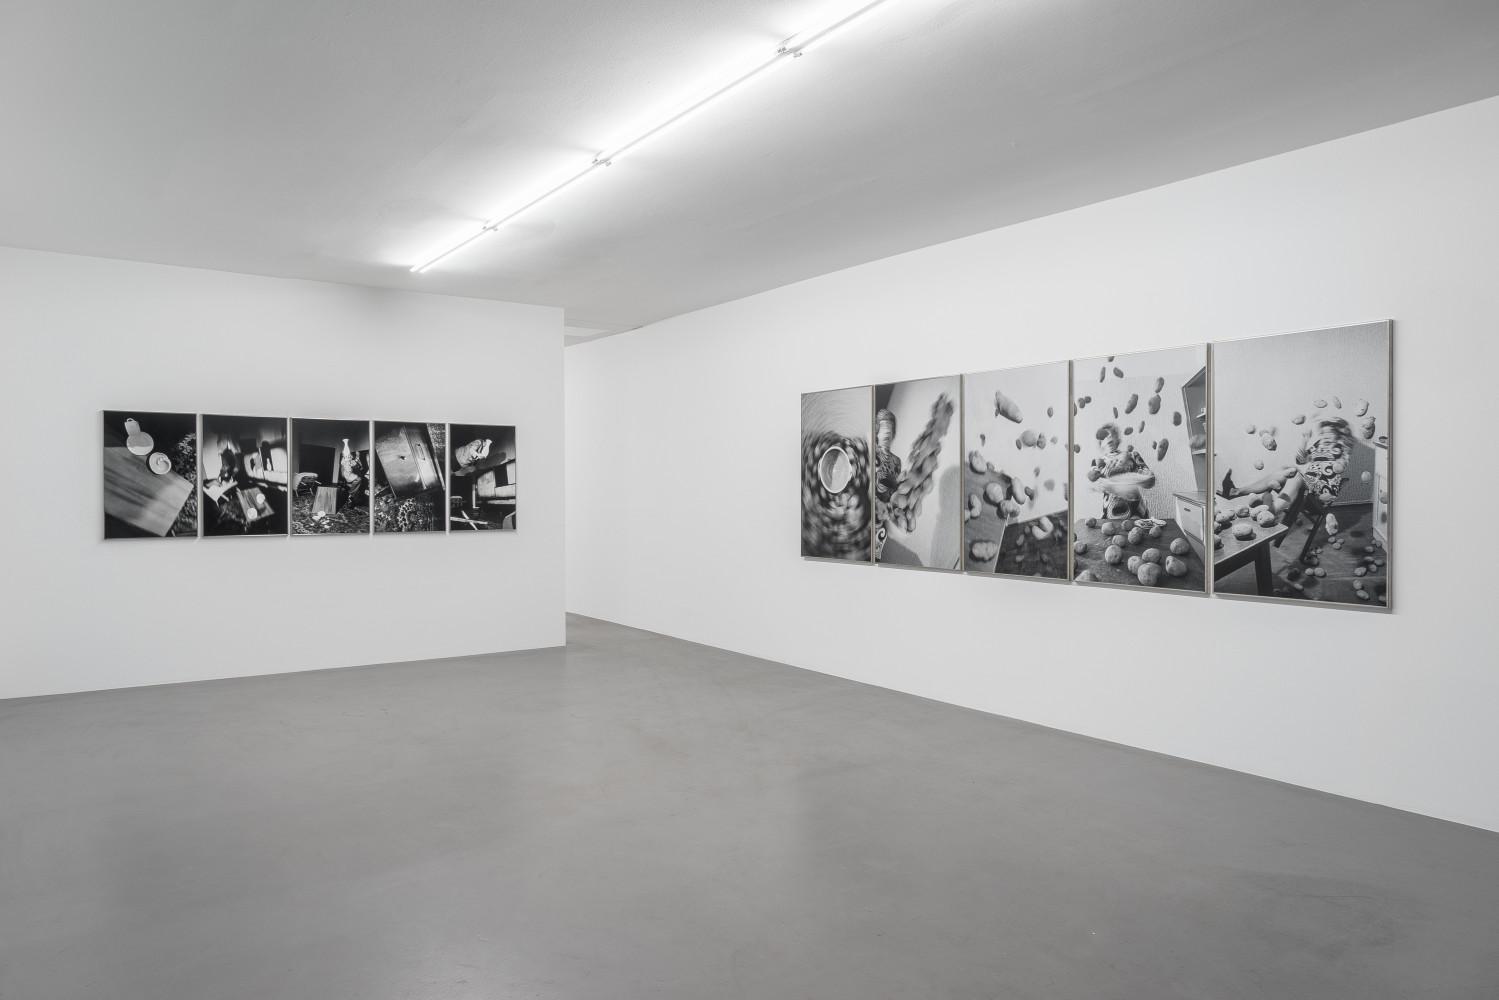 Anna & Bernhard Blume, Installation view, Buchmann Box, 2016